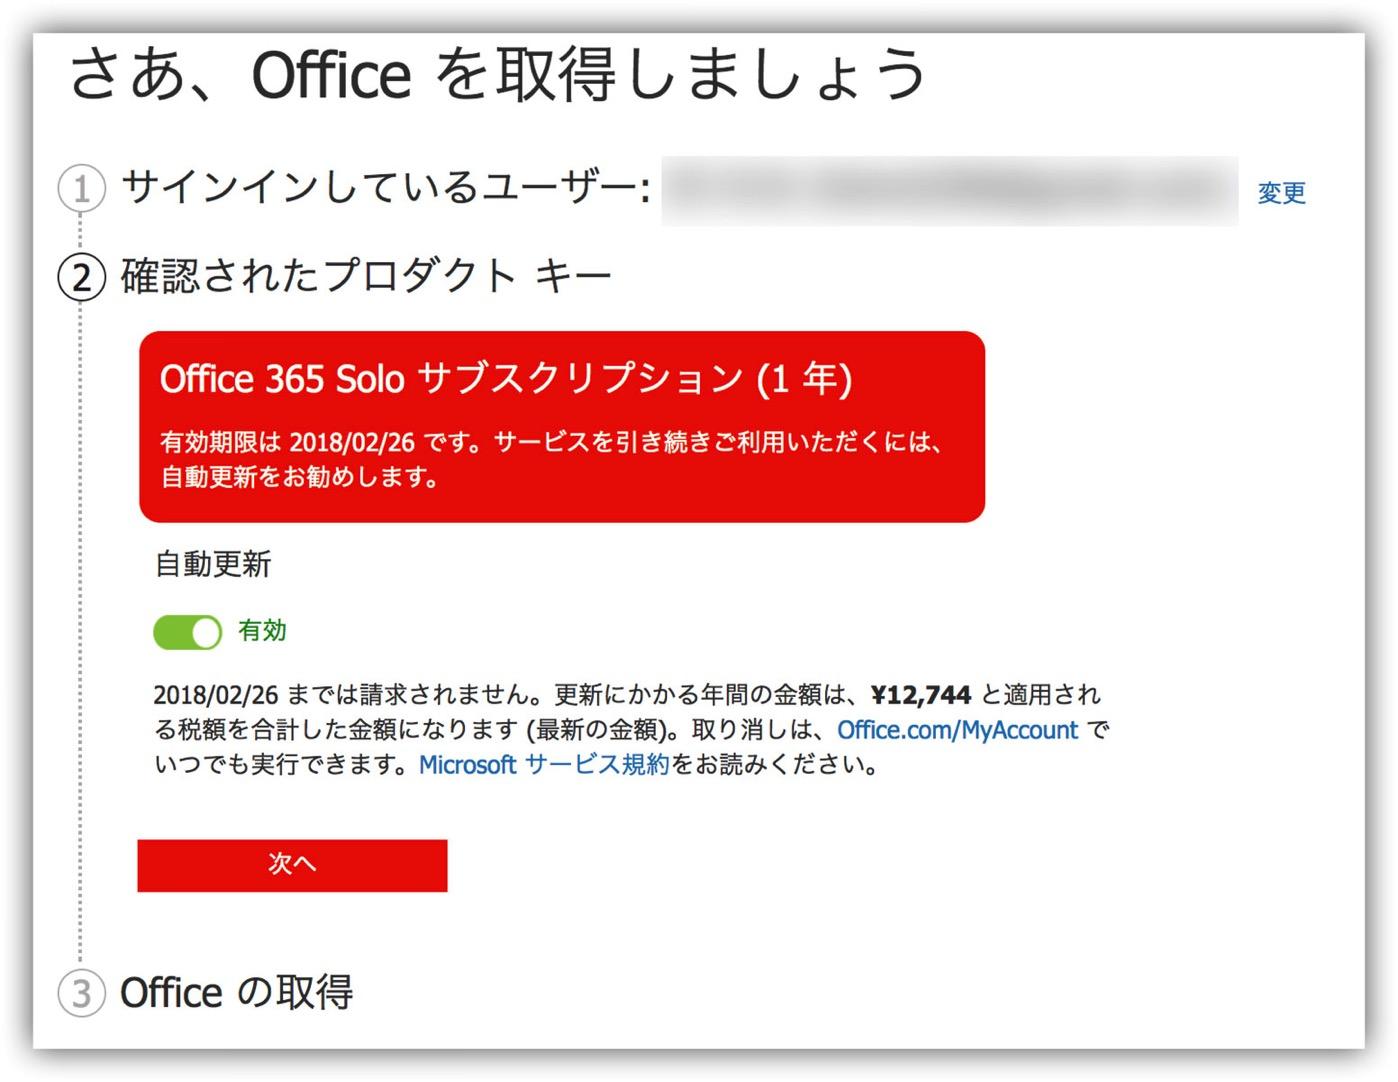 Microsoft Office 365 Solo -4